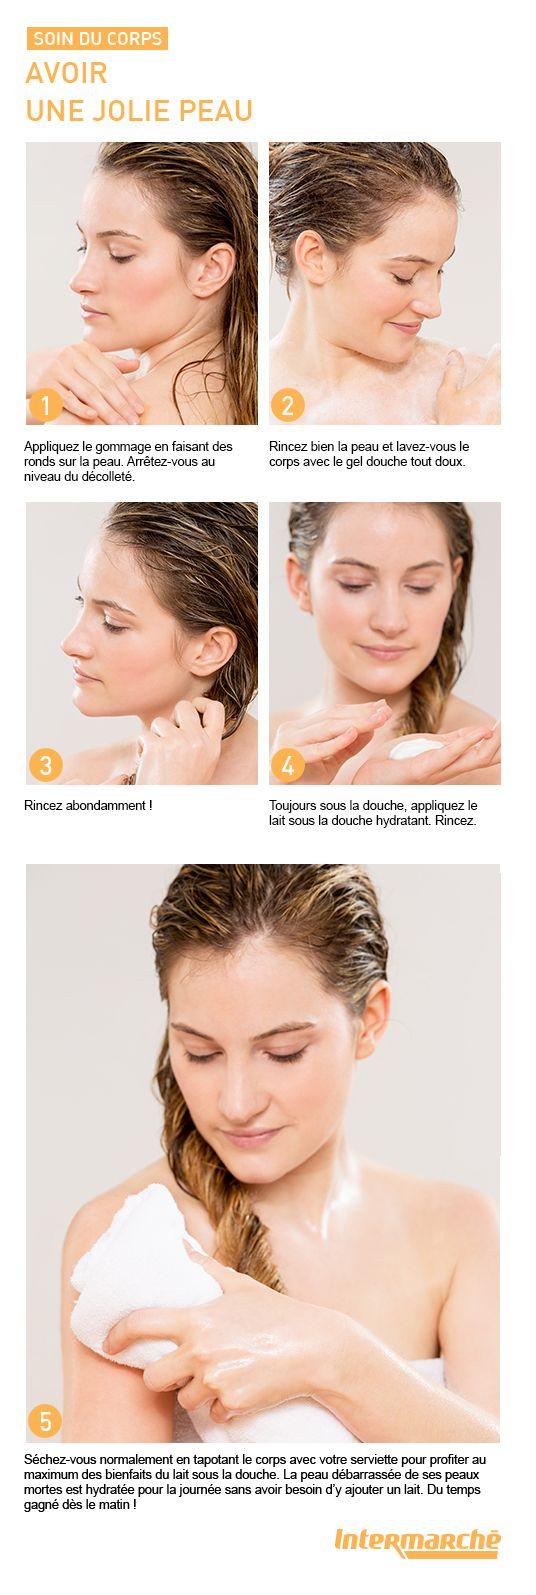 Suivez notre rituel #beauté pour avoir une jolie peau au quotidien. #tutoriel #maquillage